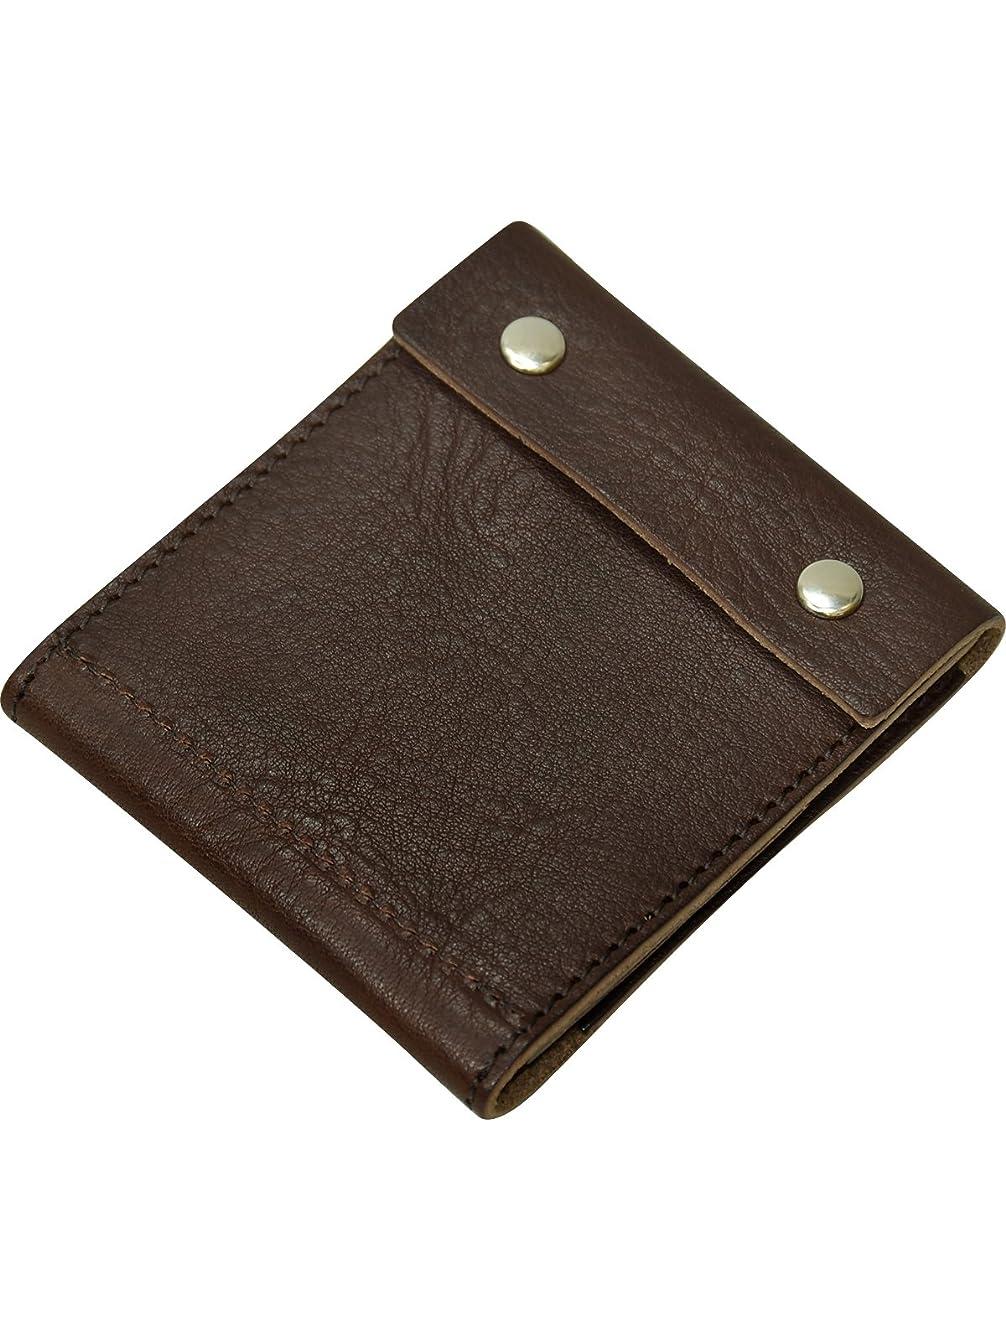 ばか郵便屋さんマウンド[プレックス]PREX 日本製 栃木レザー コンパクト 財布 CL015 ダークブラウン